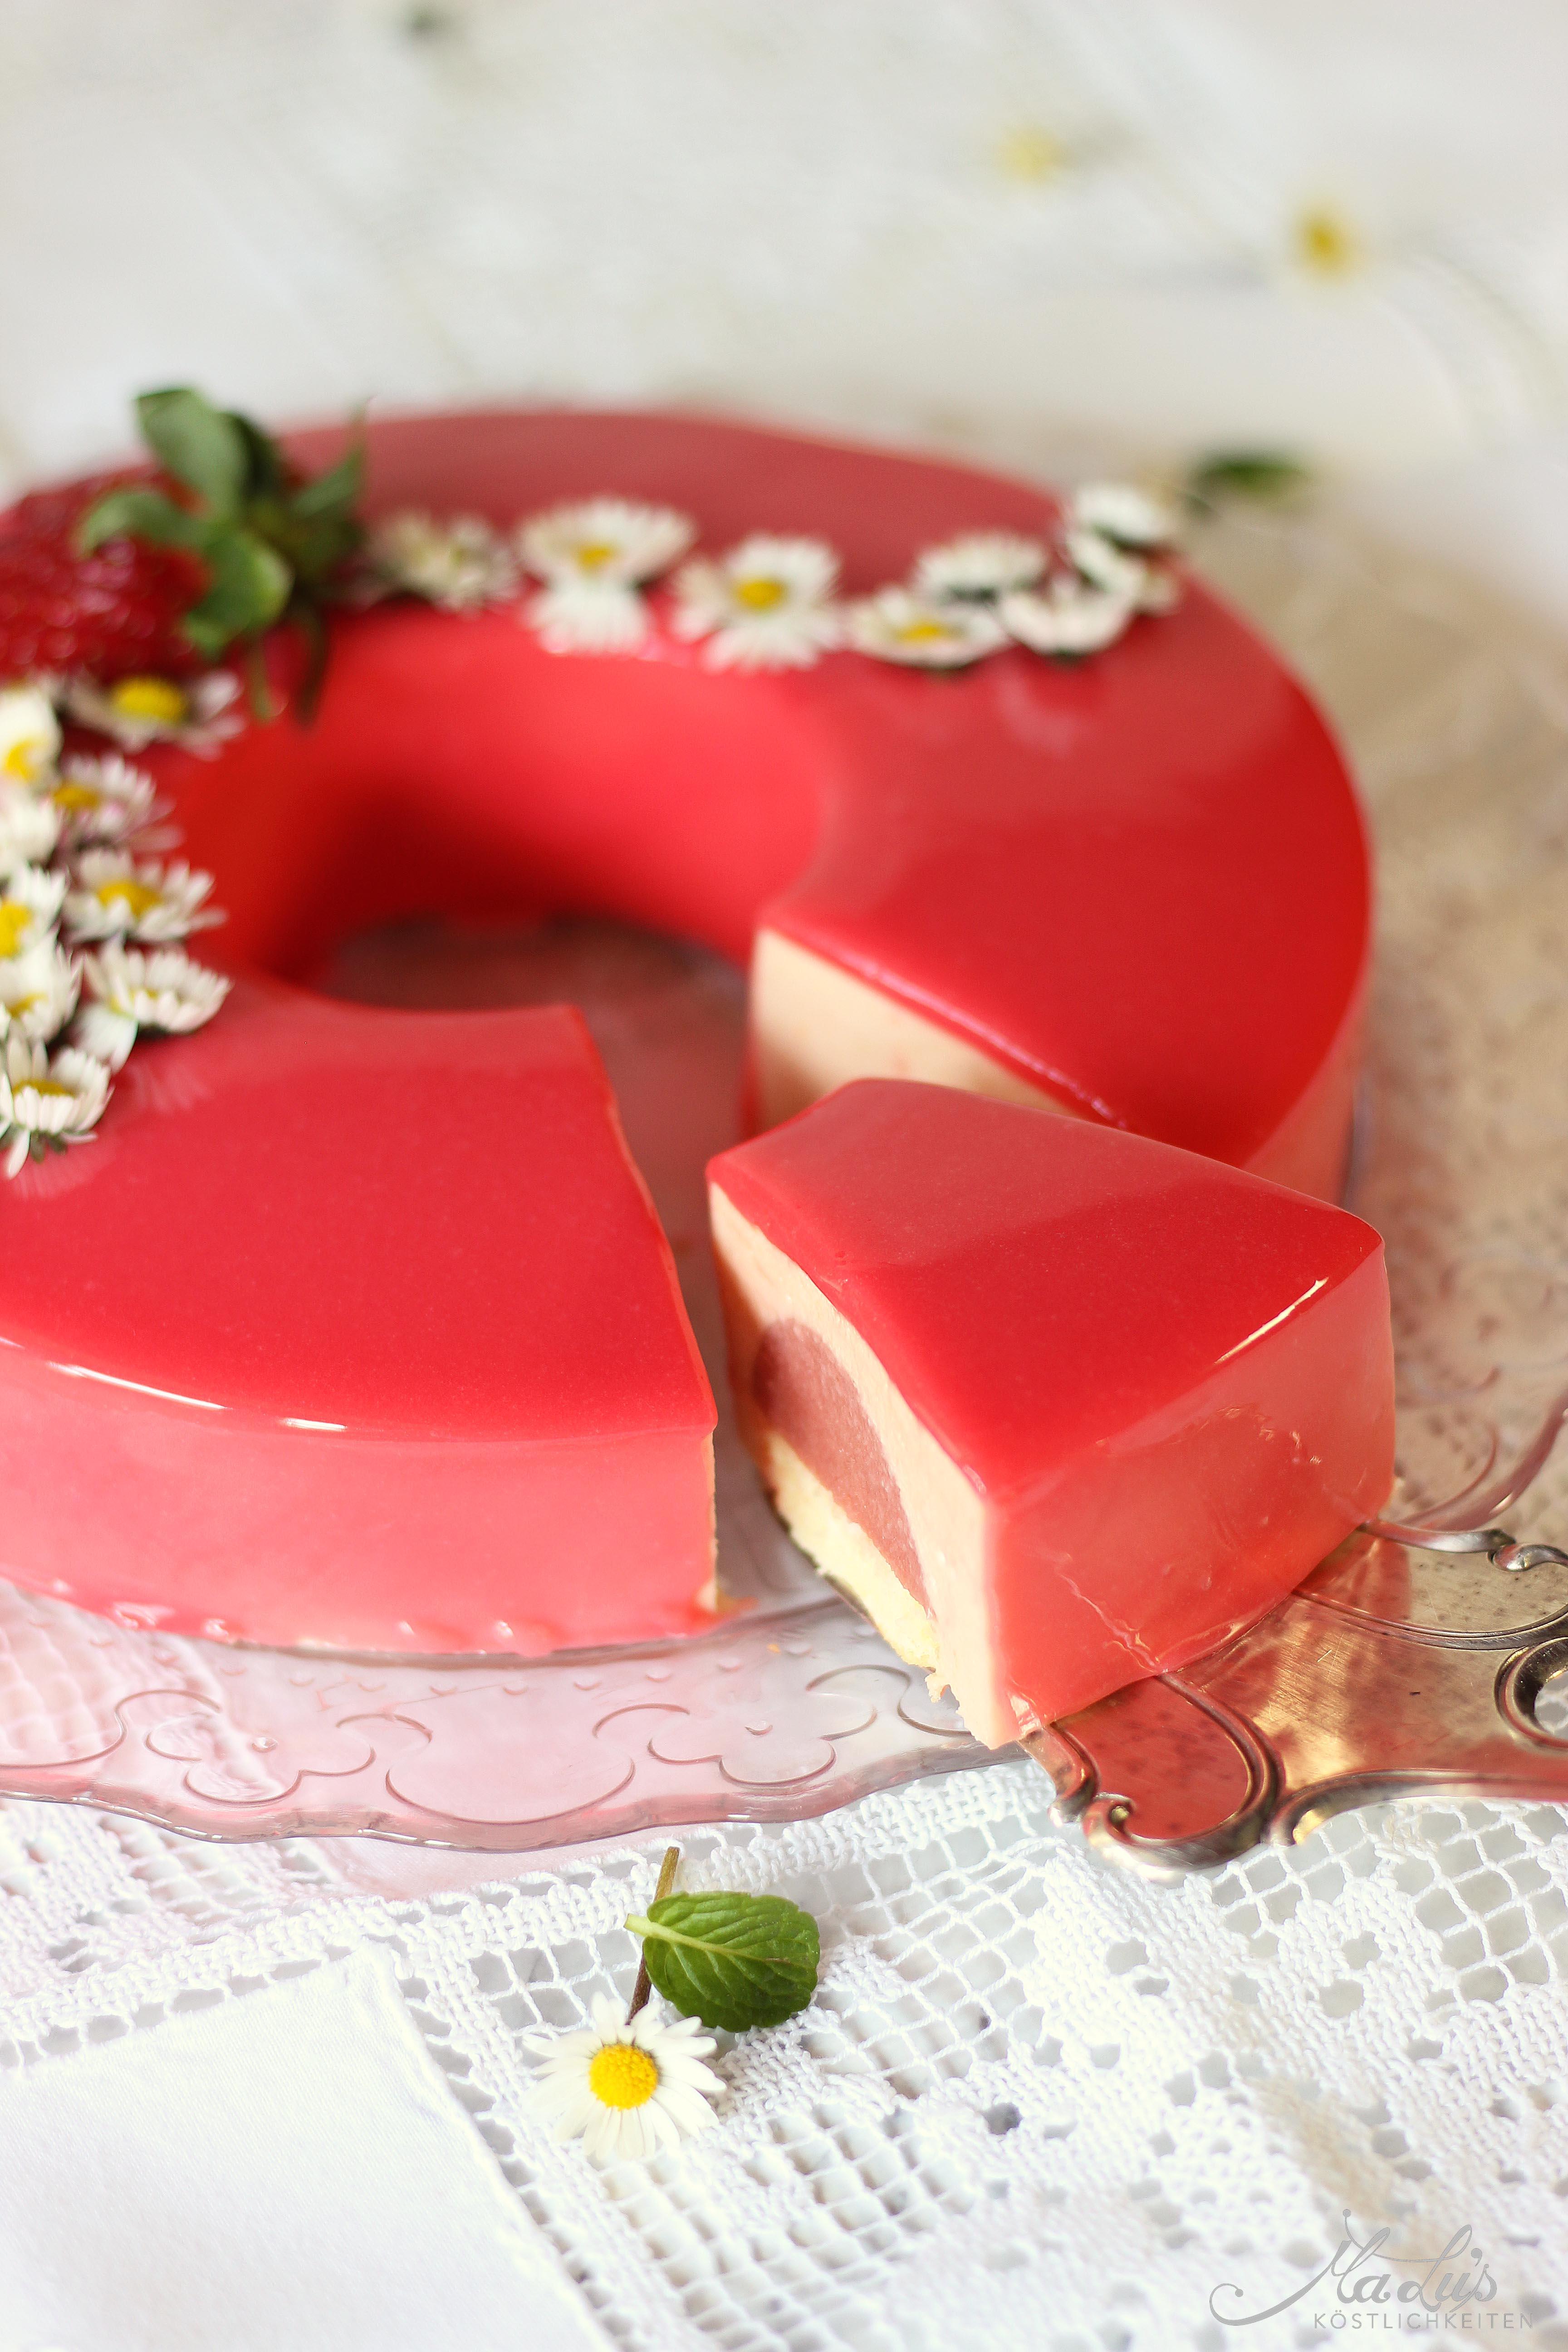 Erdbeer-Rhabarber Torte mit Mirror glaze